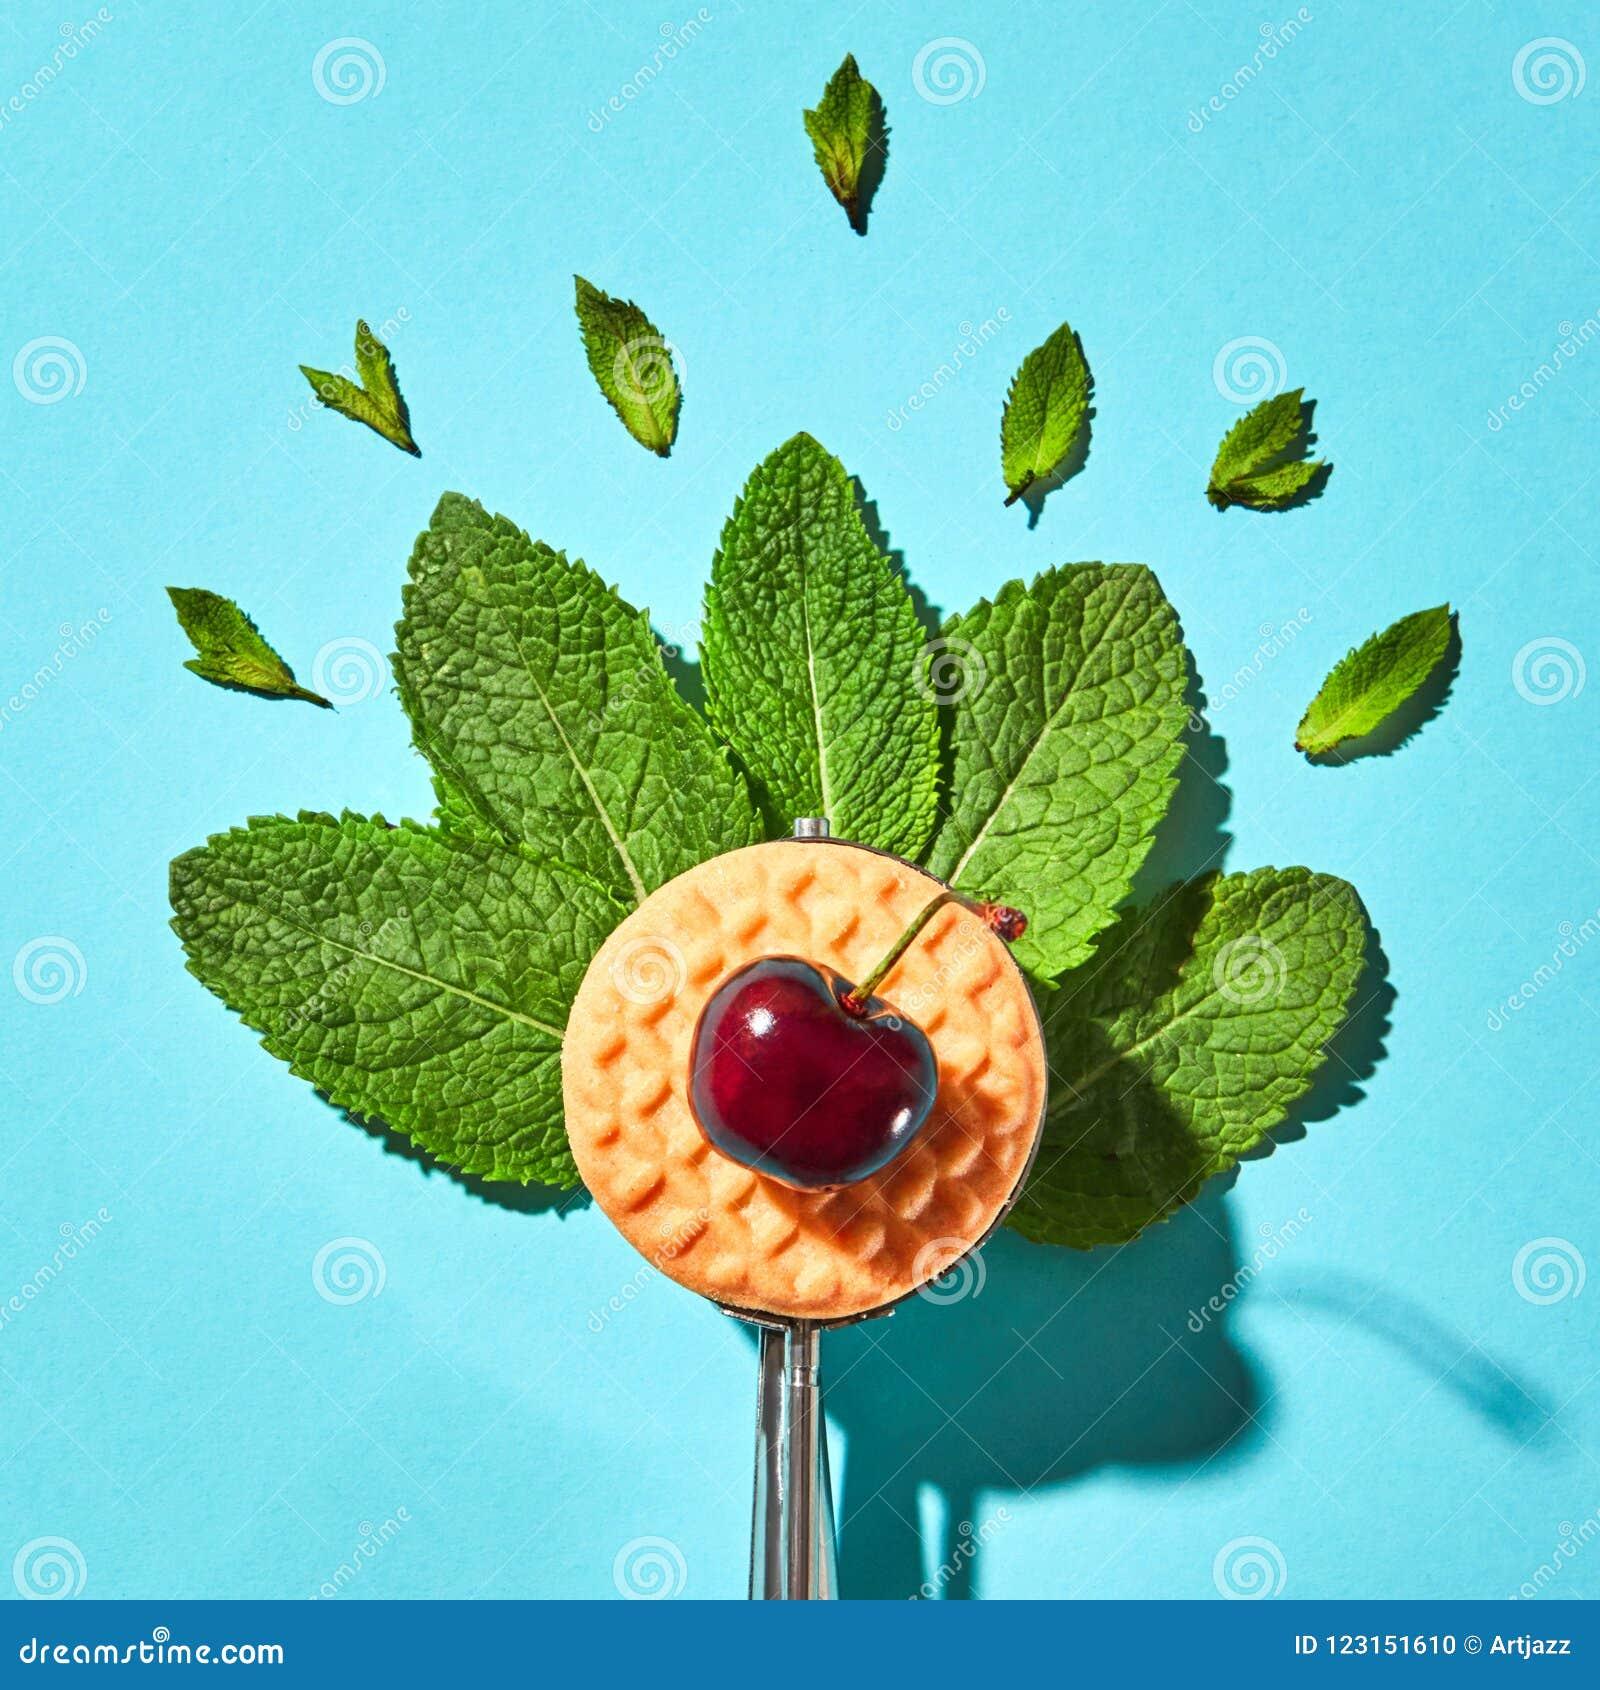 Flache Lage des Löffels für Eiscreme mit tadellosen Blättern, Keks und Kirsche auf einem blauen Hintergrund mit harten Schatten N